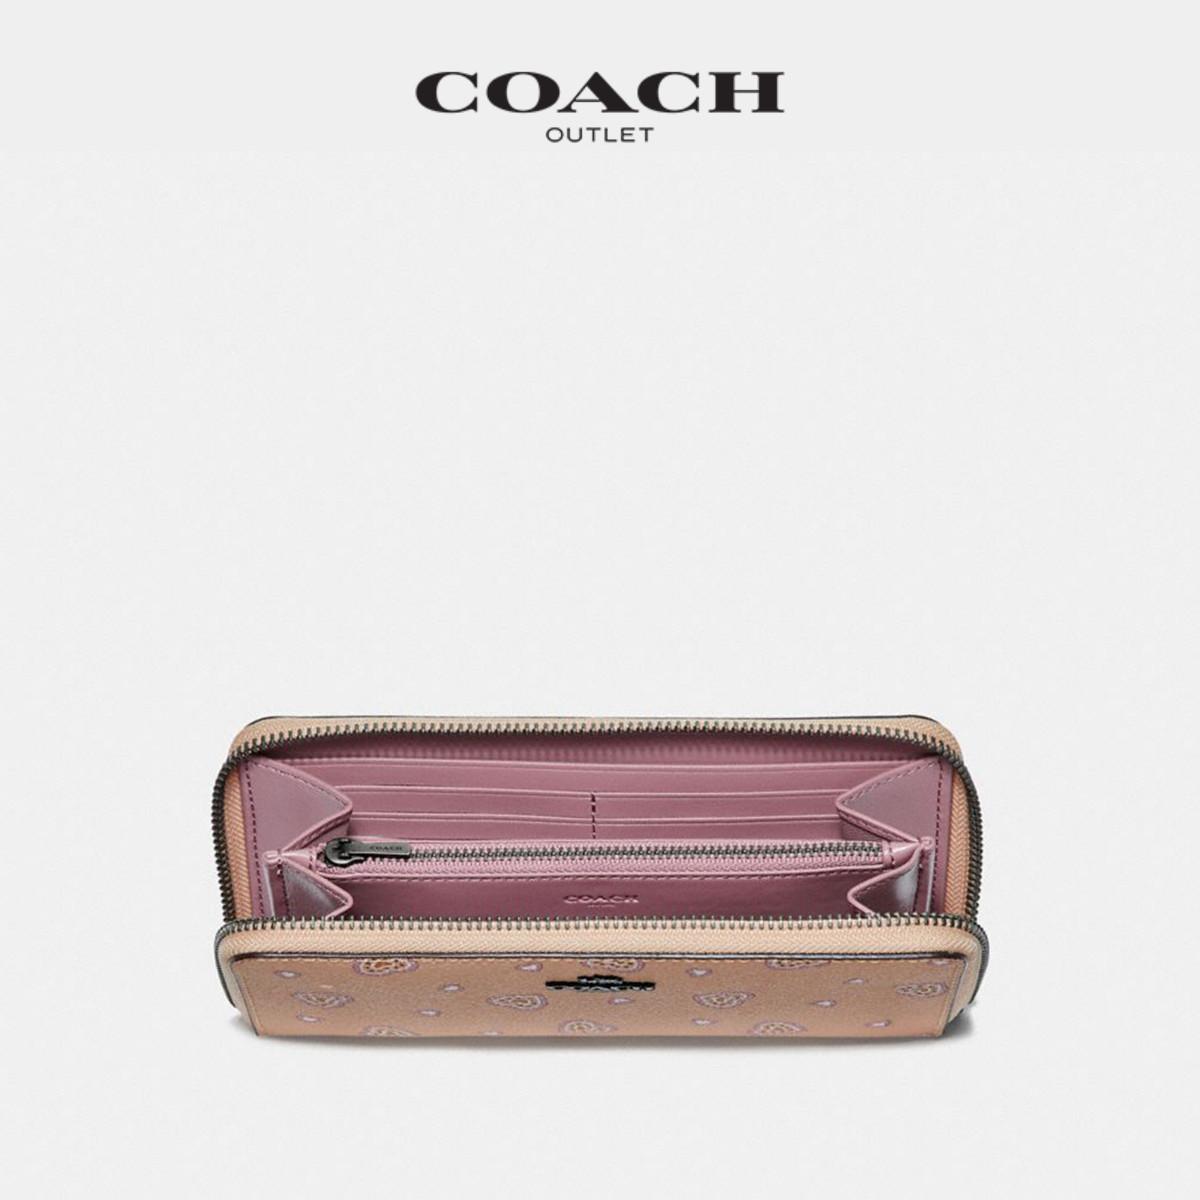 蔻驰女士经典休闲心形图案印花环绕式拉链手风琴长款钱包 COACH